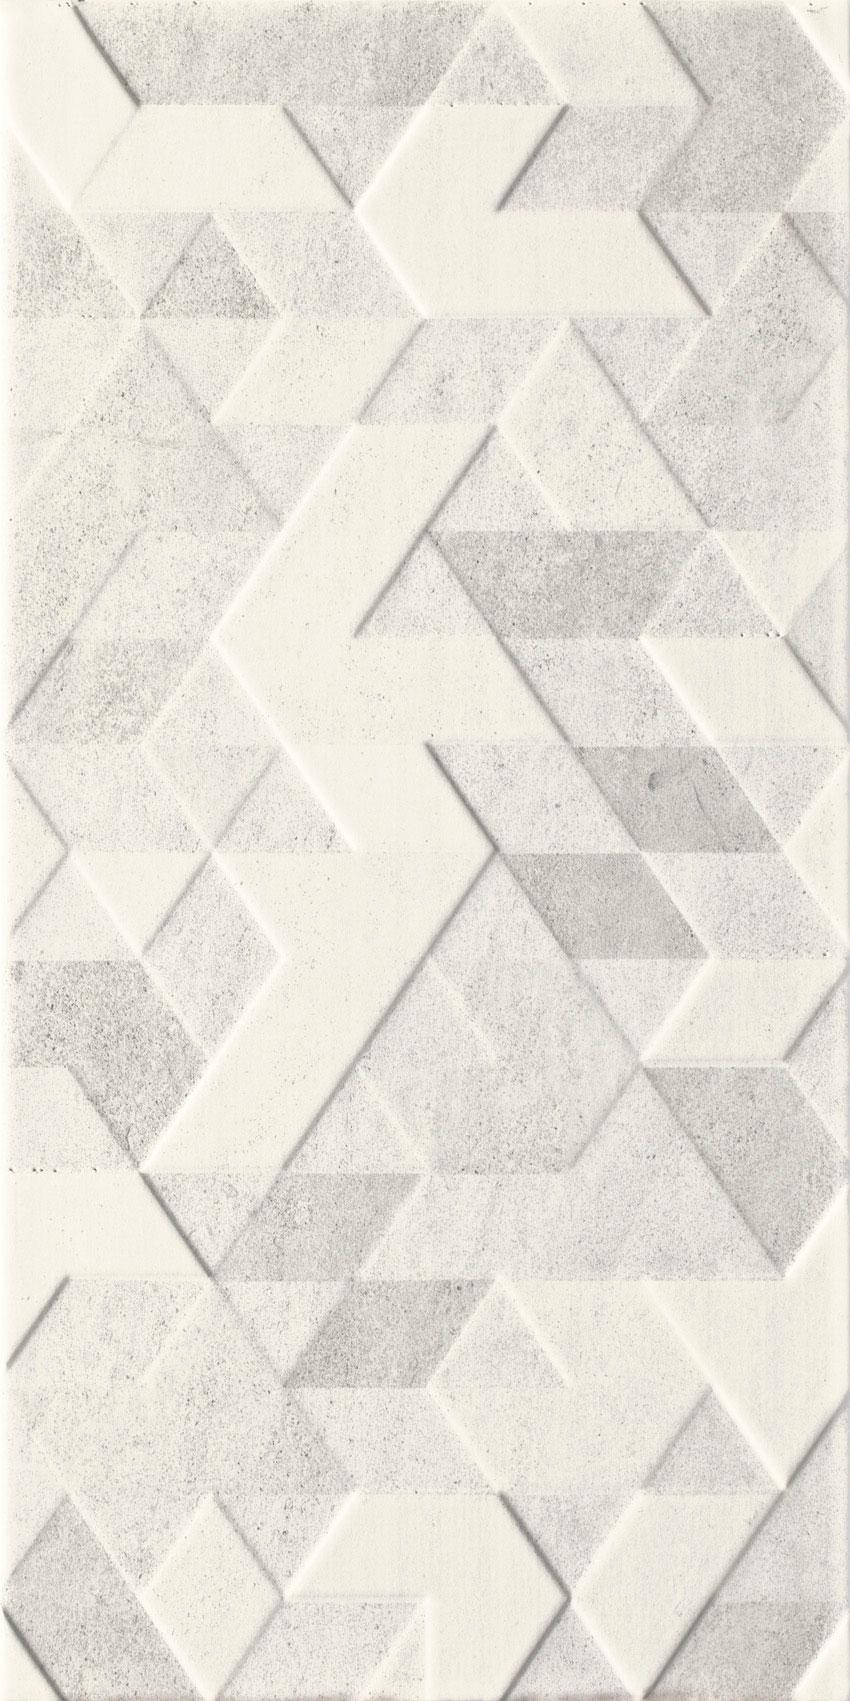 Настенная плитка Ceramika Paradyz Emilly grys struktura decor 30x60 (0,9) бордюр paradyz emilly milio sepia 2 3x60